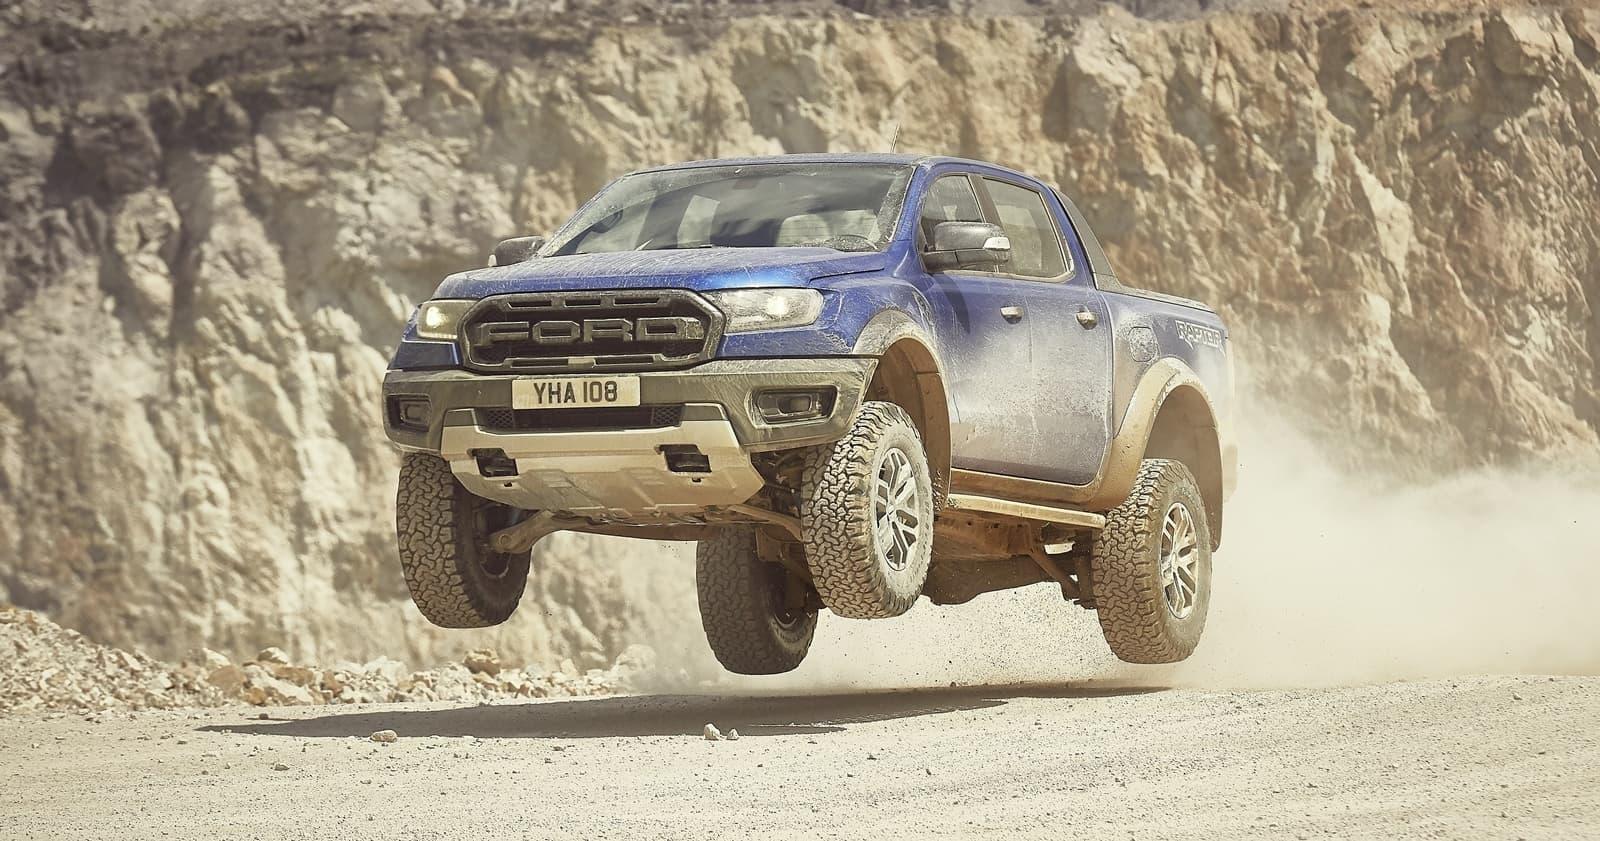 La Ford Ranger Raptor La Pick Up Mas Bestia Ya Tiene Precio En Espana Diariomotor